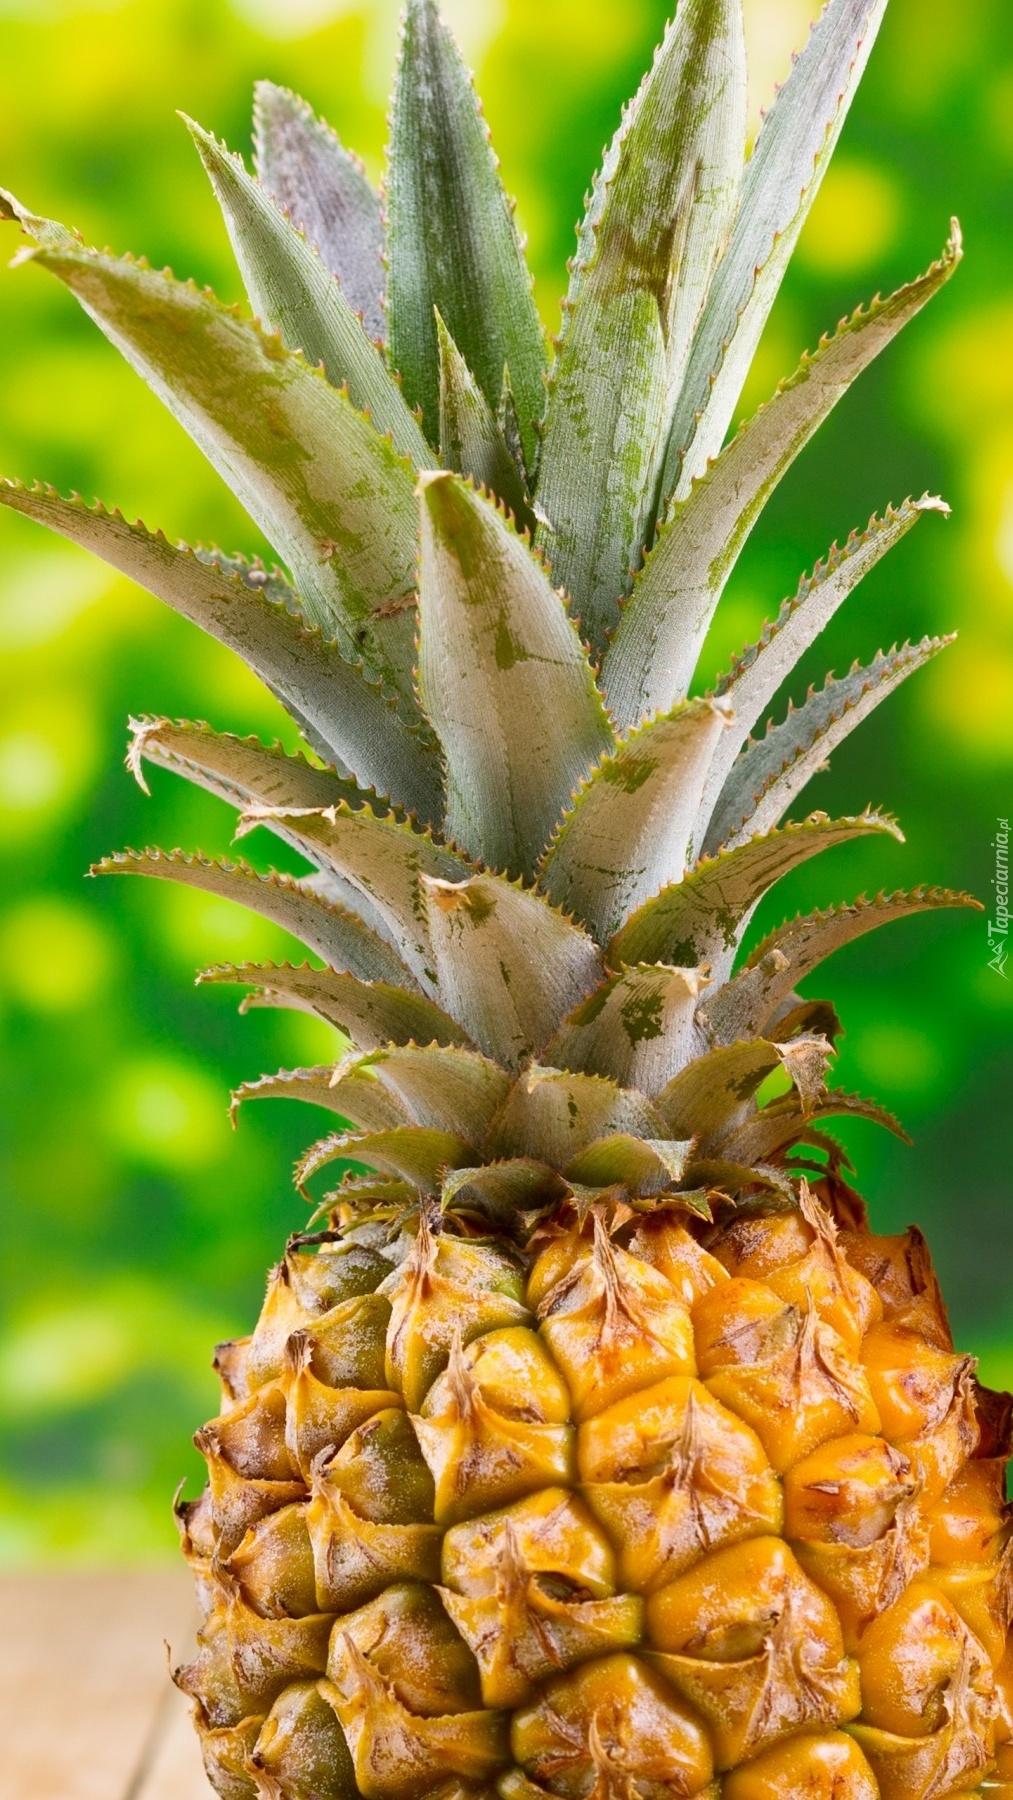 Dojrzały owoc ananasa